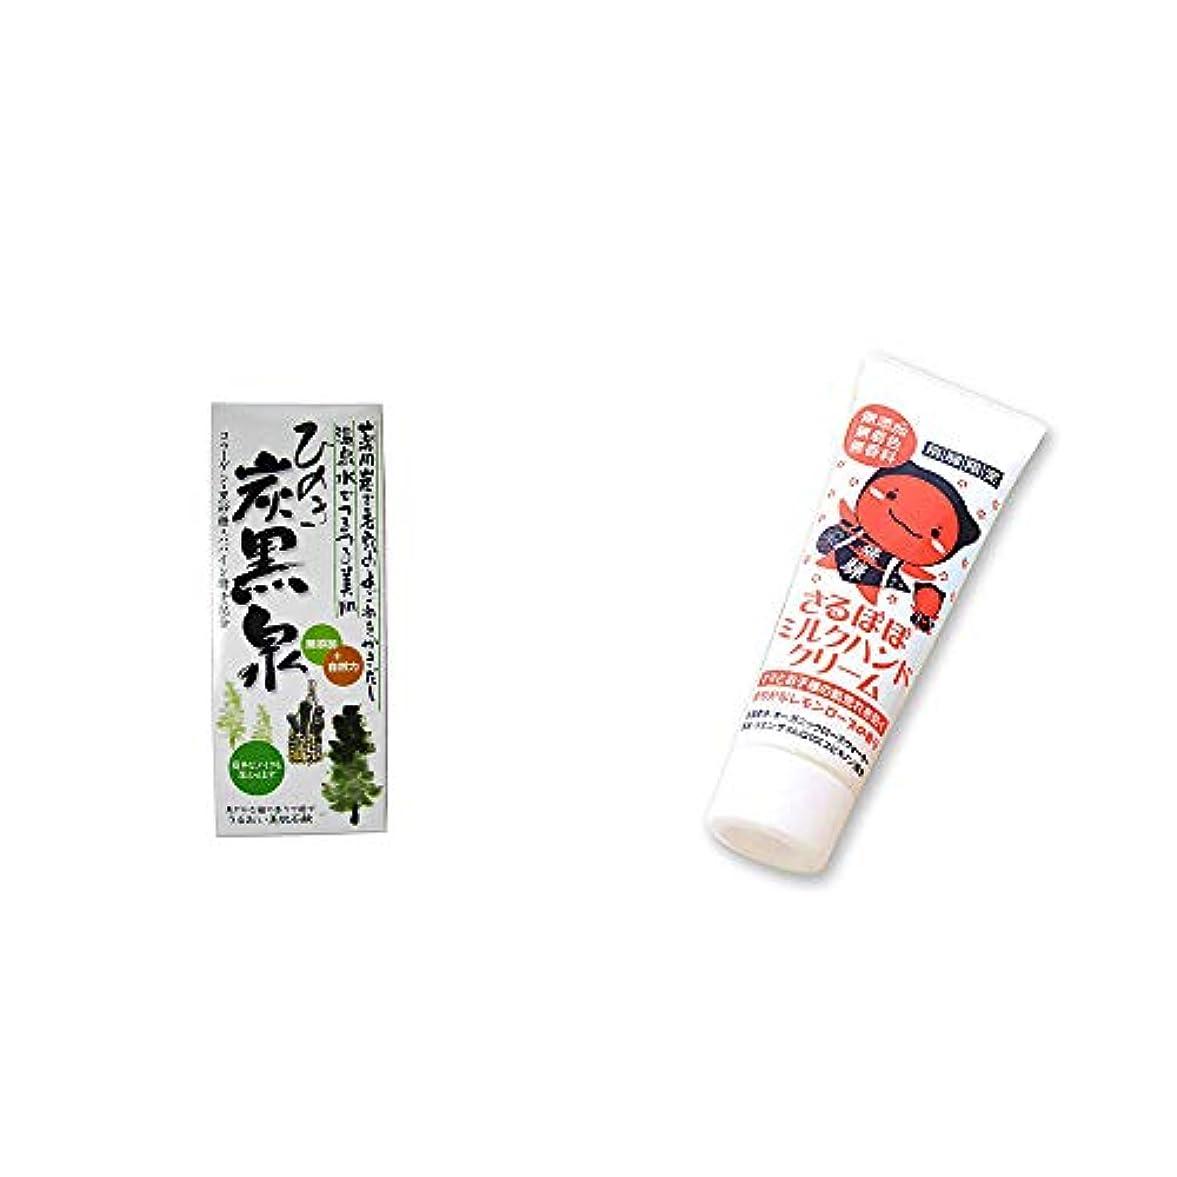 病的チャップタイト[2点セット] ひのき炭黒泉 箱入り(75g×3)?さるぼぼ ミルクハンドクリーム(50g)